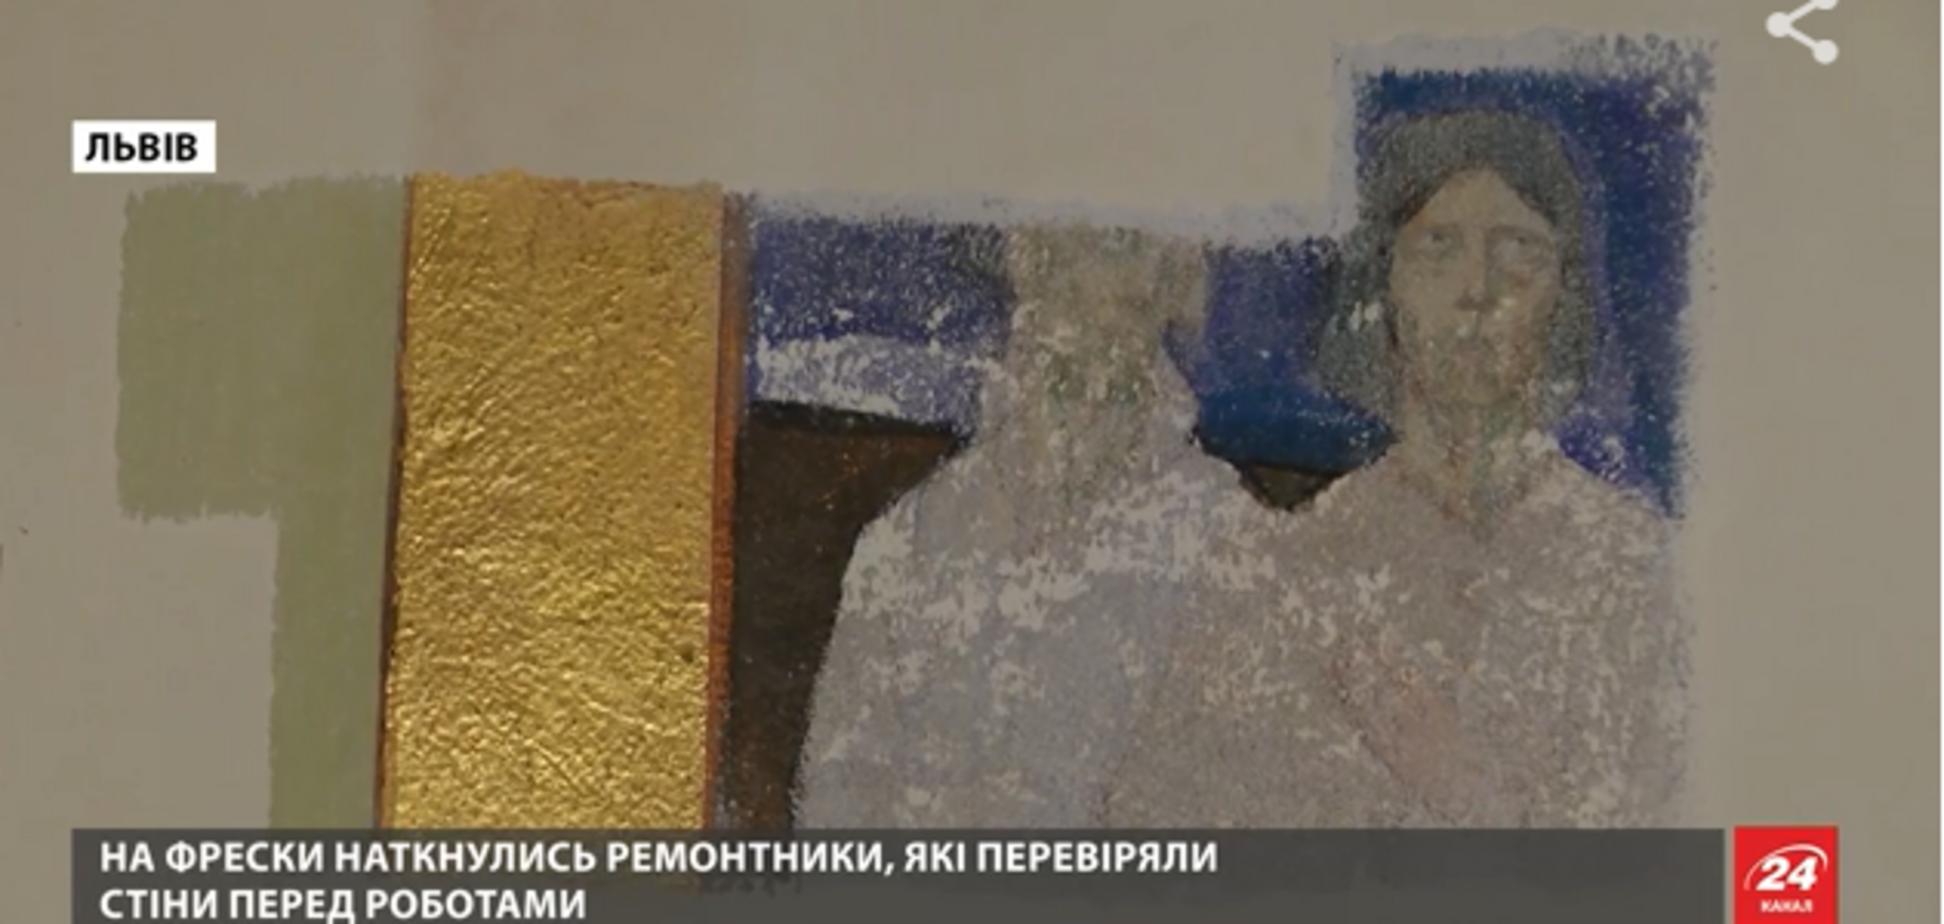 В одному з туалетів Львова знайшли унікальні фрески